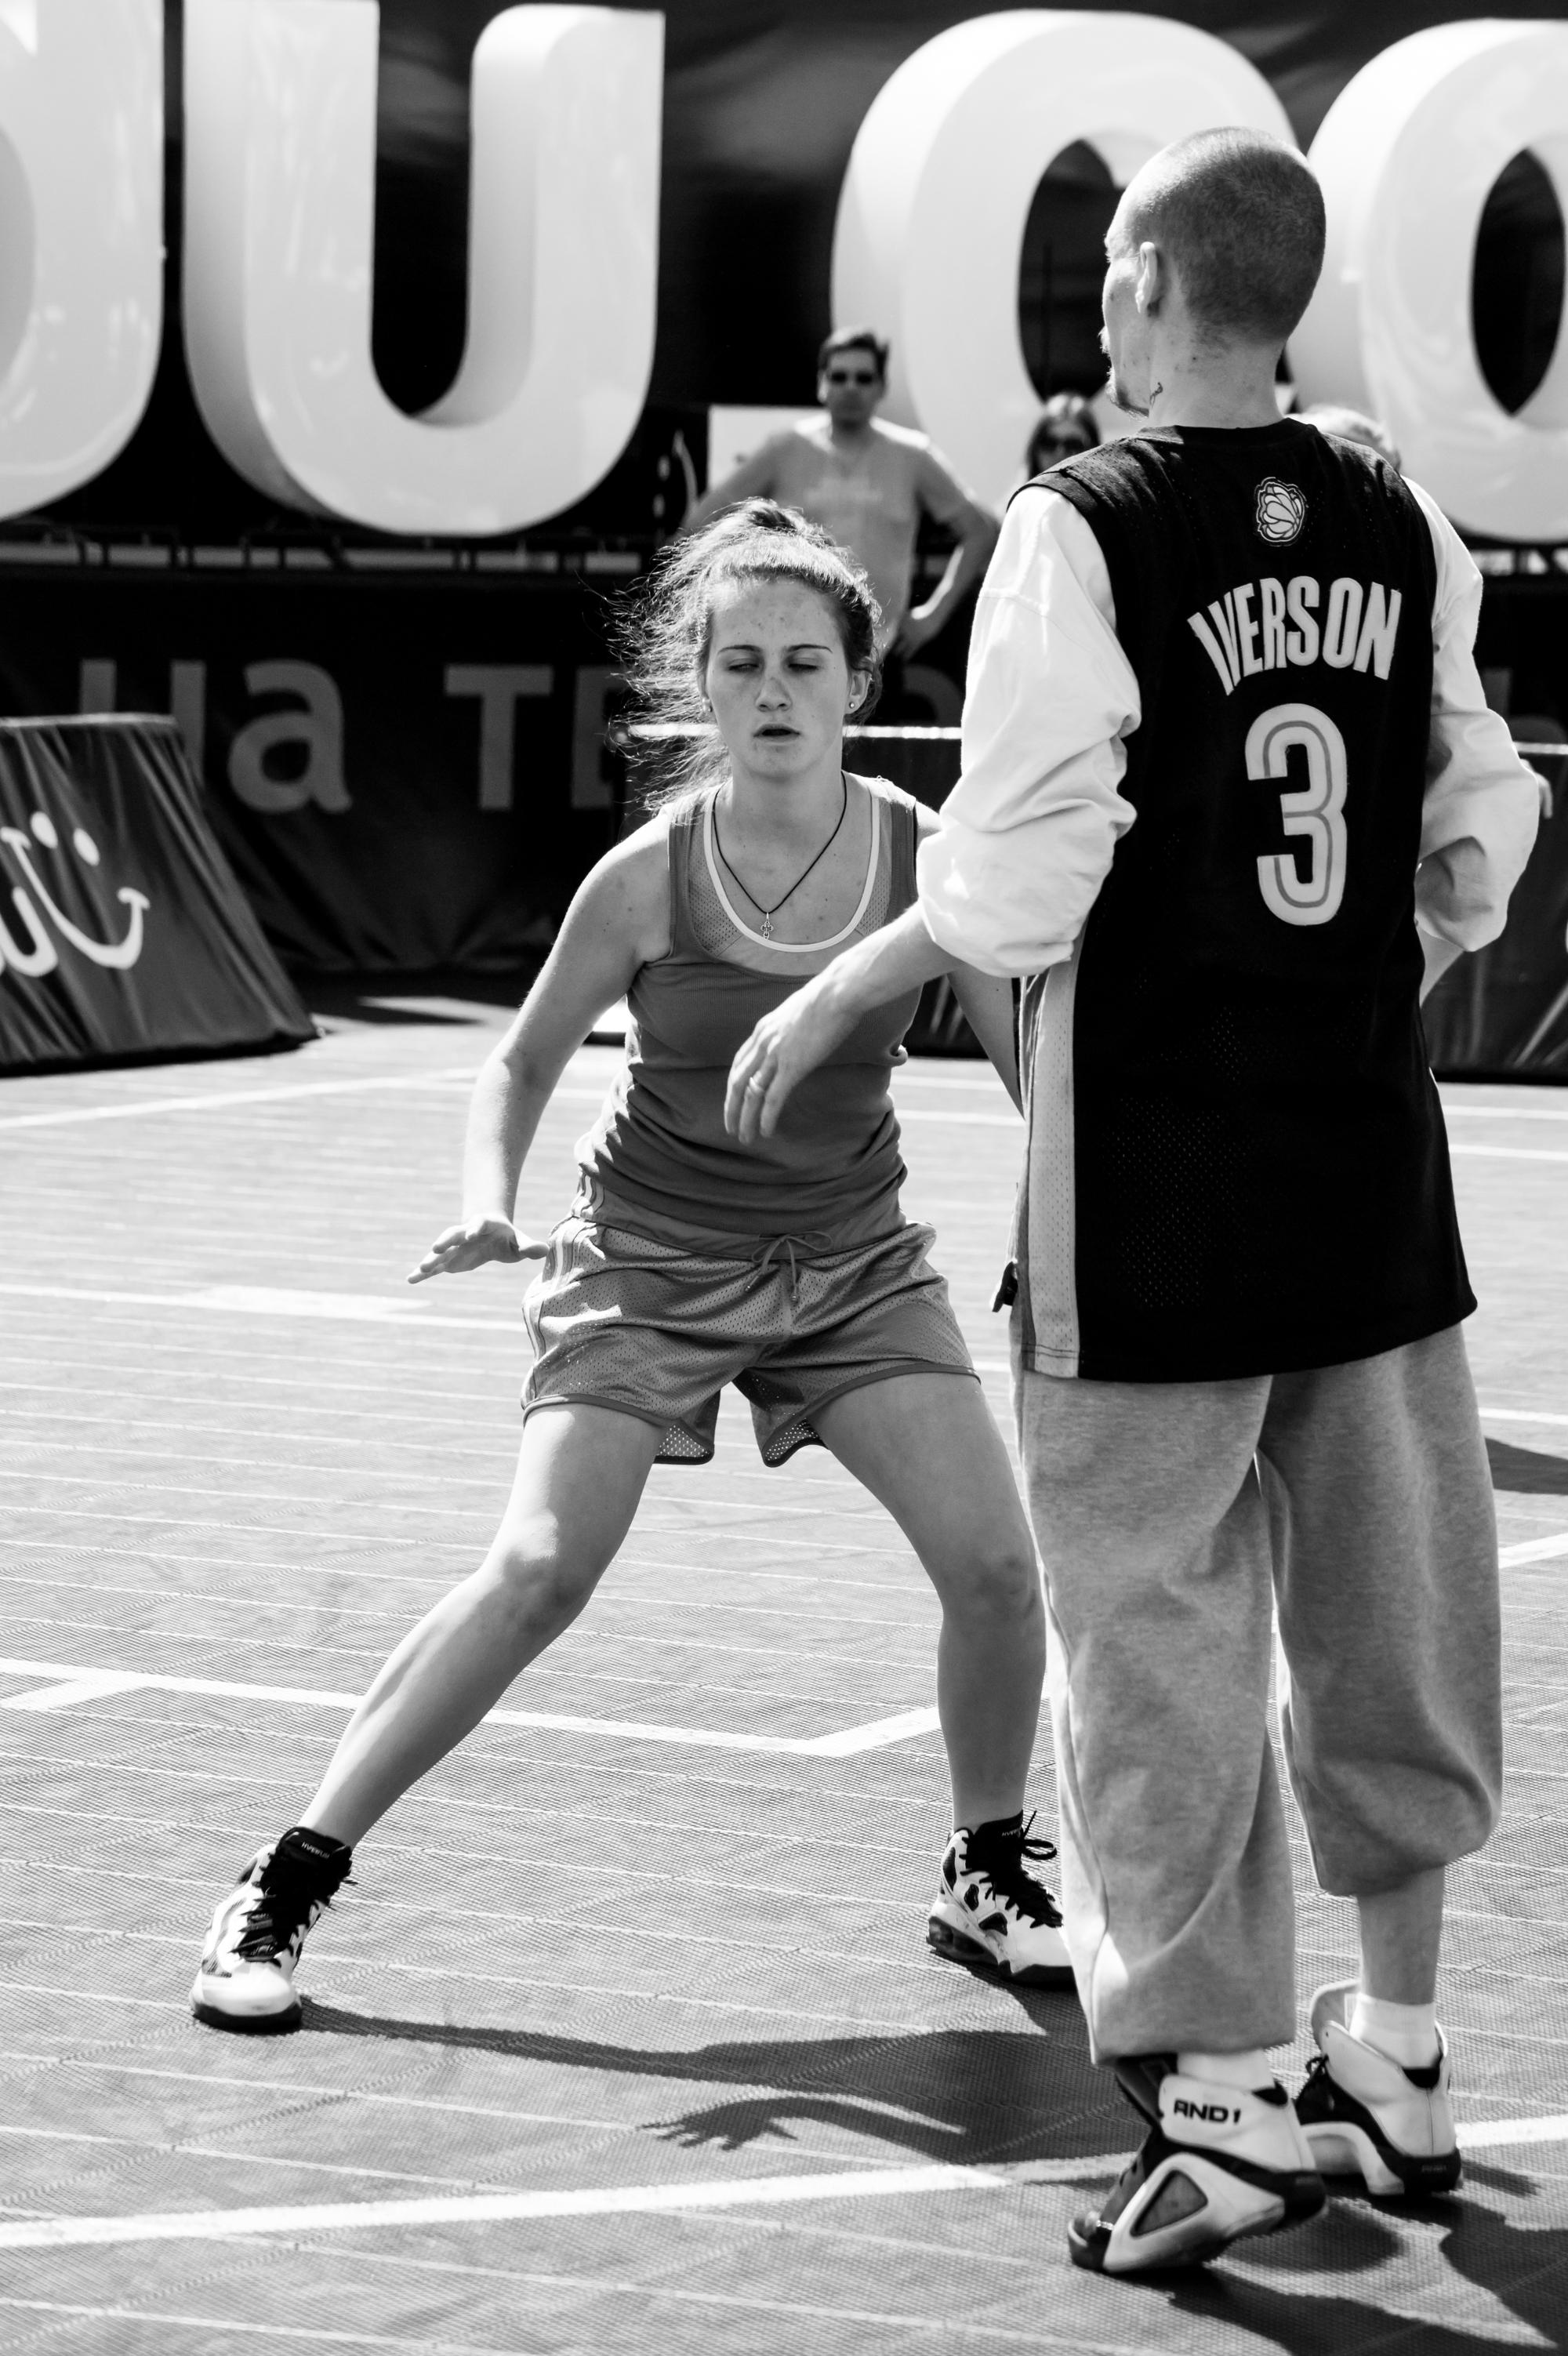 Baloncesto de calle